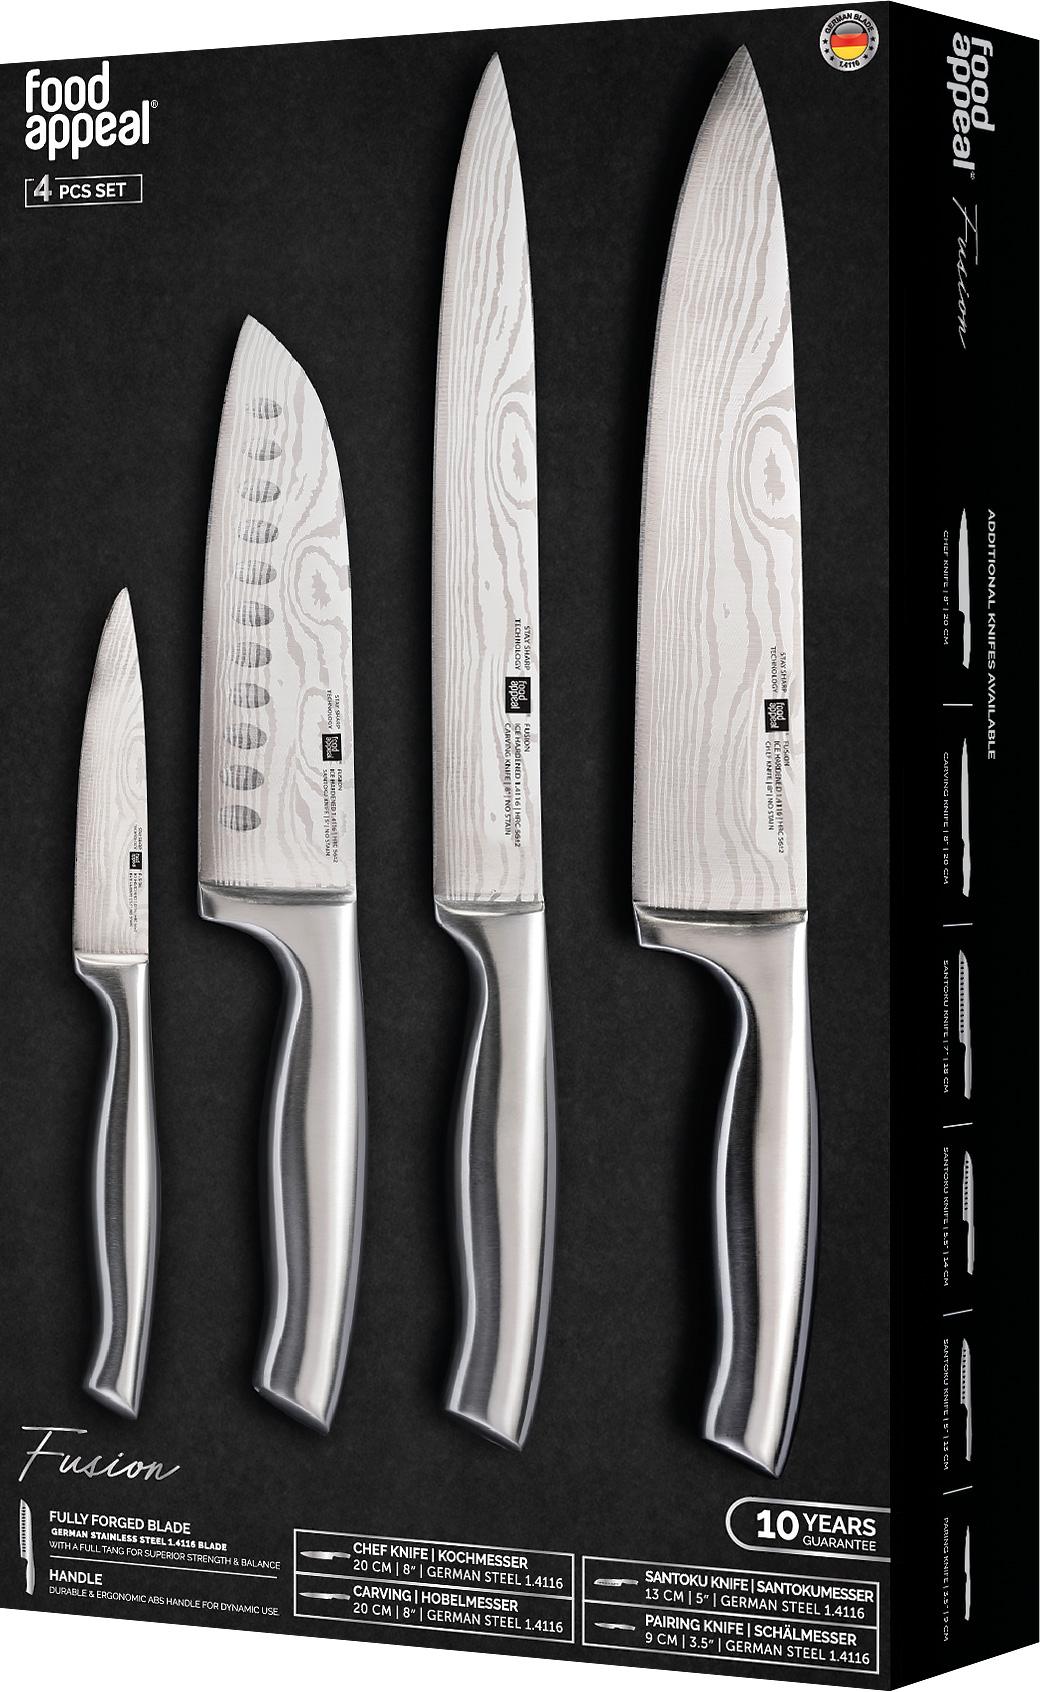 מארז 4 סכינים Food Appeal Fusion פוד אפיל